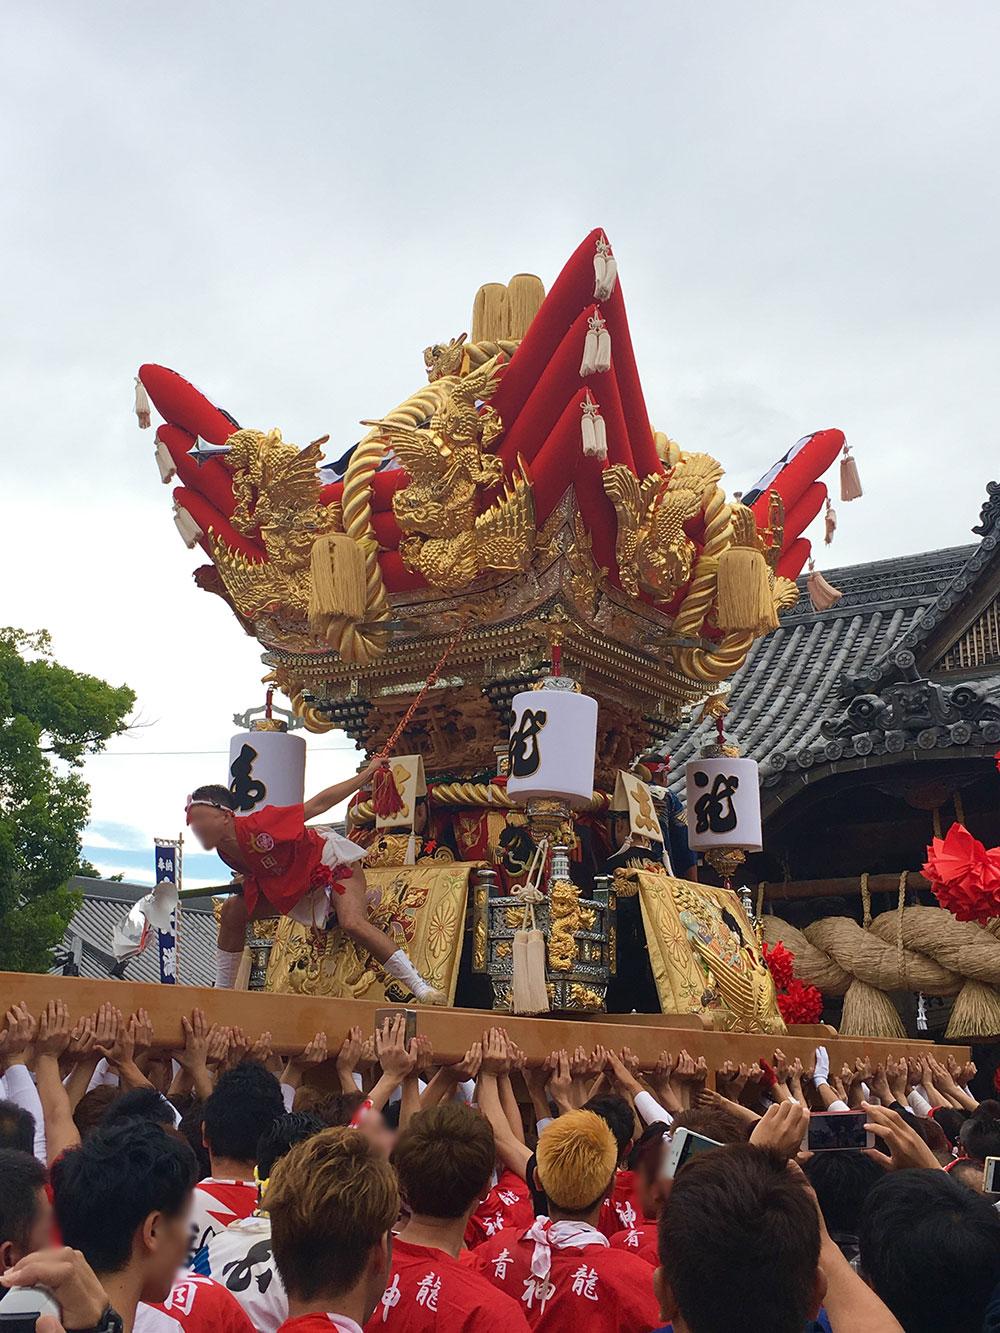 播州秋祭り最高!!曽根天満宮の祭りが大好きで毎年行っています。by.よしくんさん